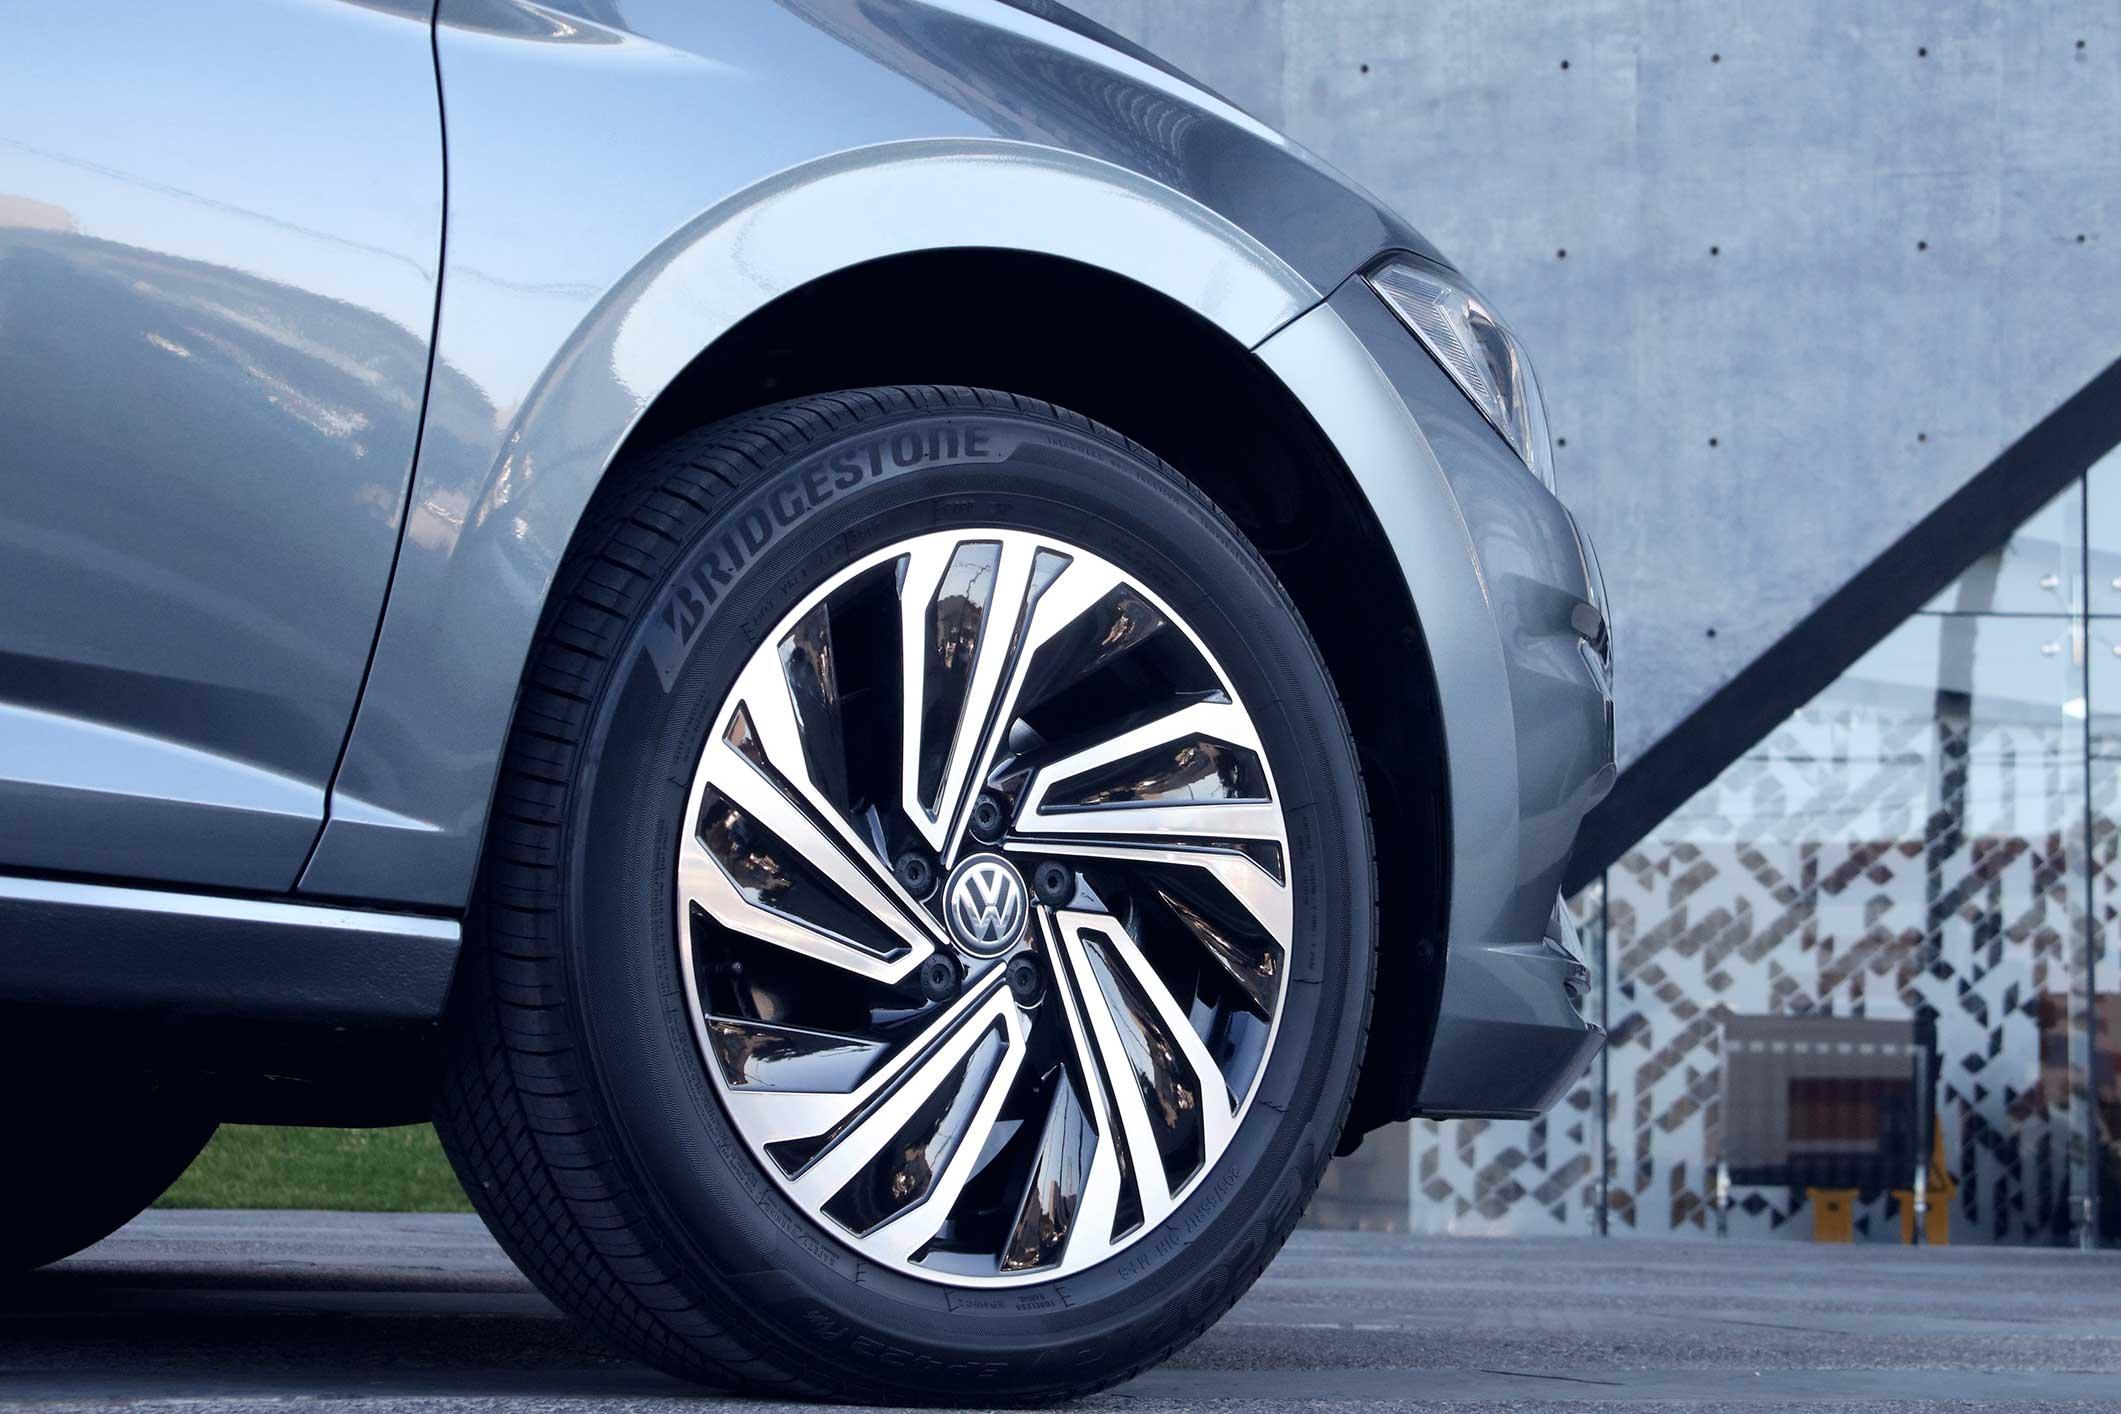 Imagen de auto Volkswagen con rines de aluminio en calle